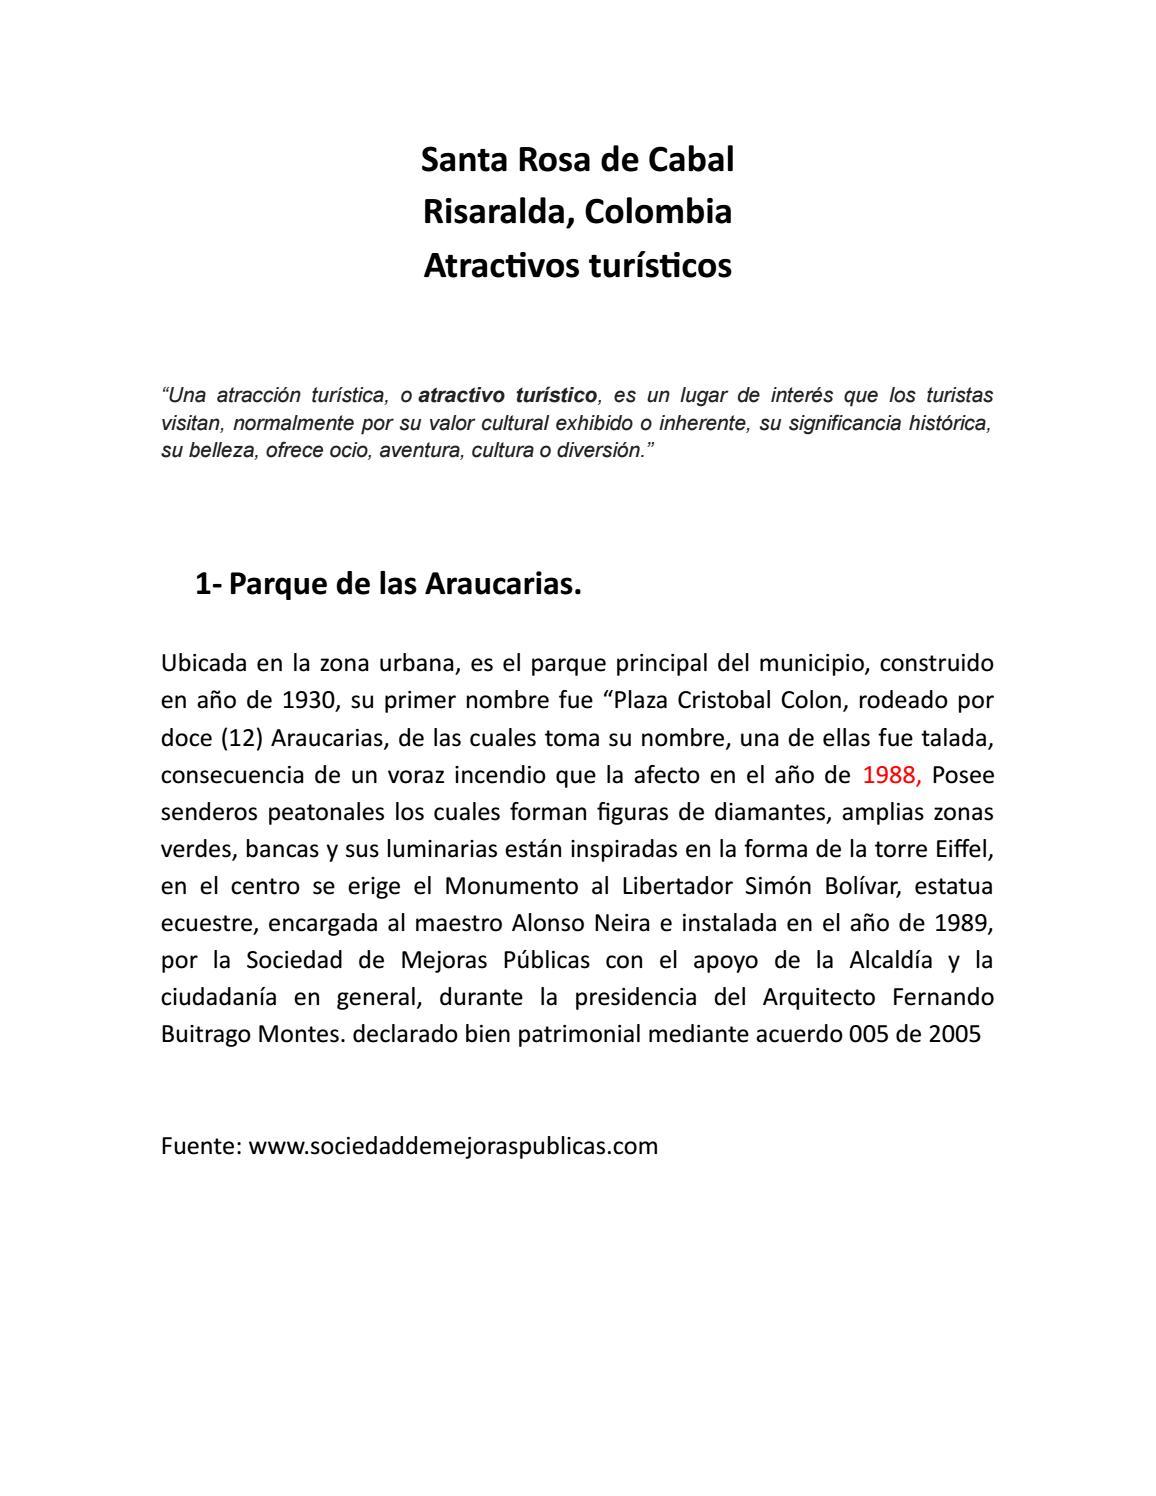 Vistoso Muestra Para El Objetivo De Reanudar Adorno - Ejemplo De ...